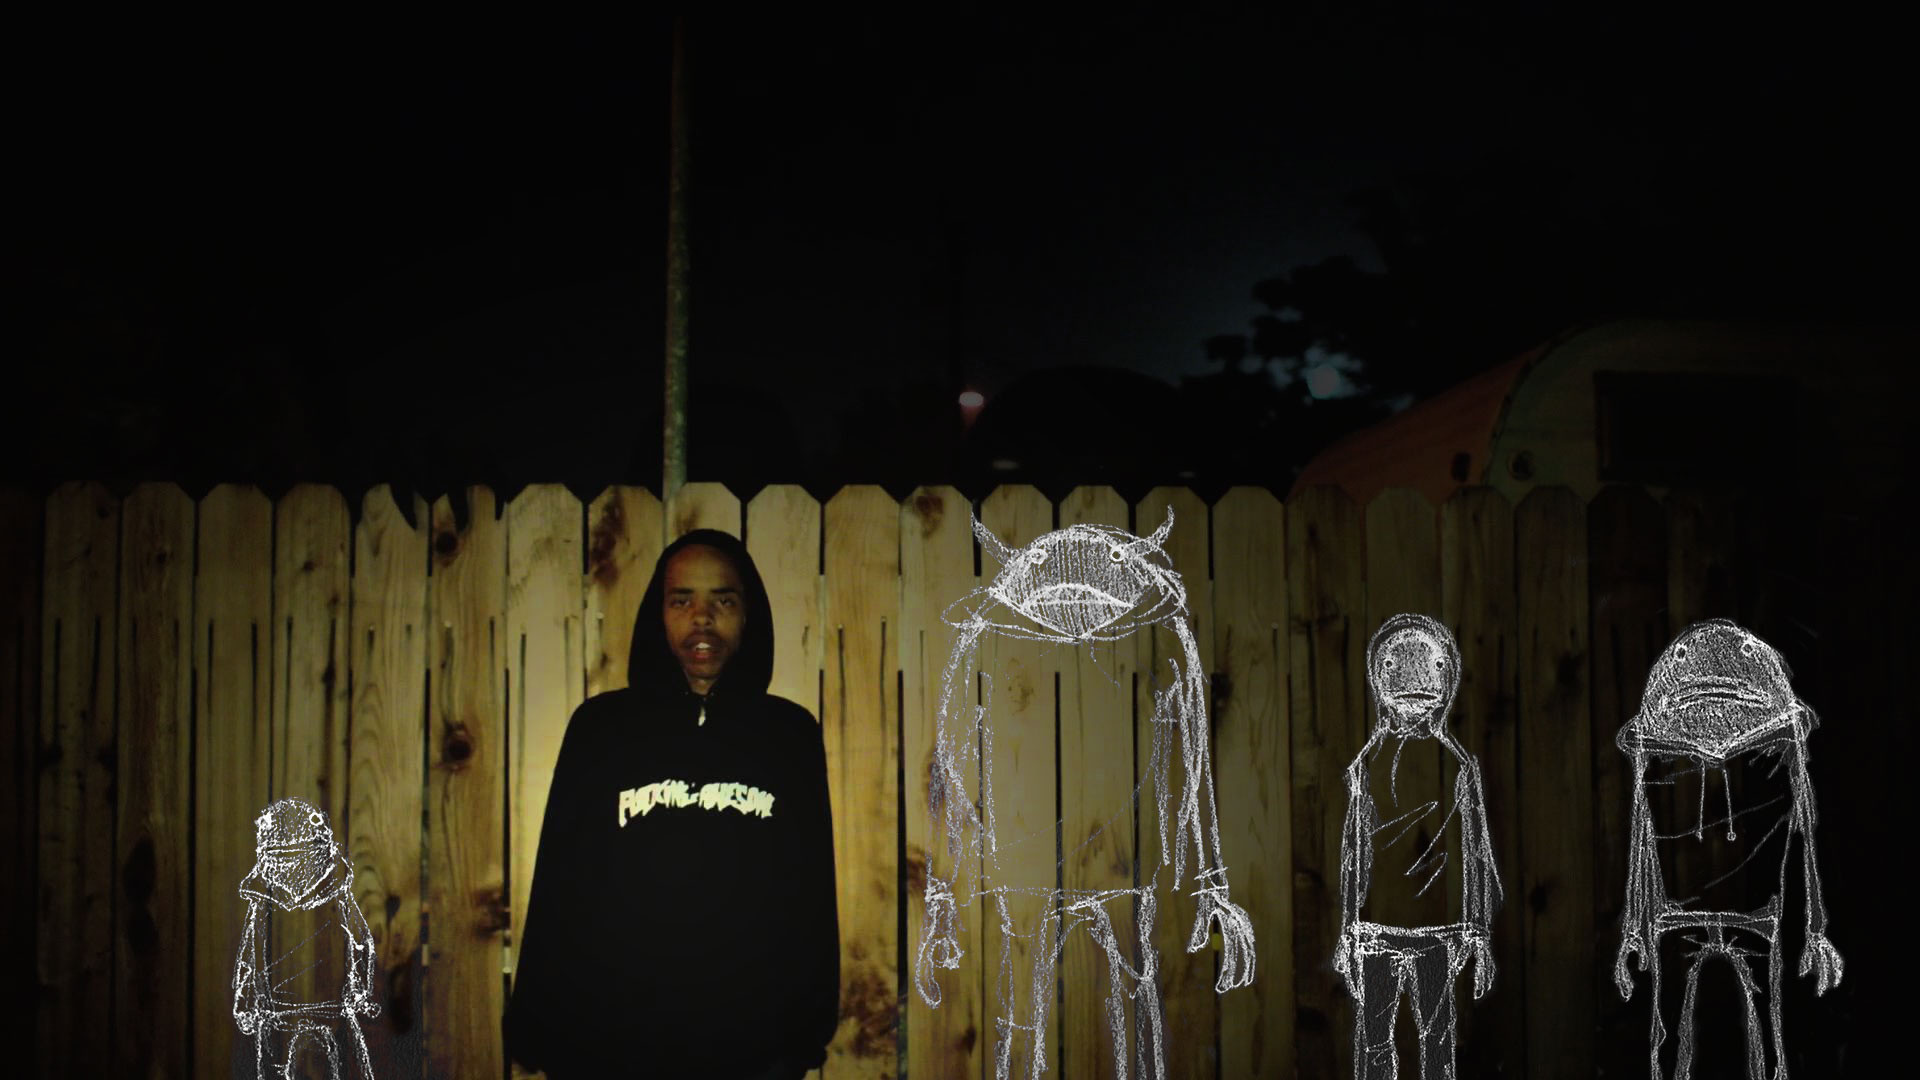 Earl sweatshirt wallpaper